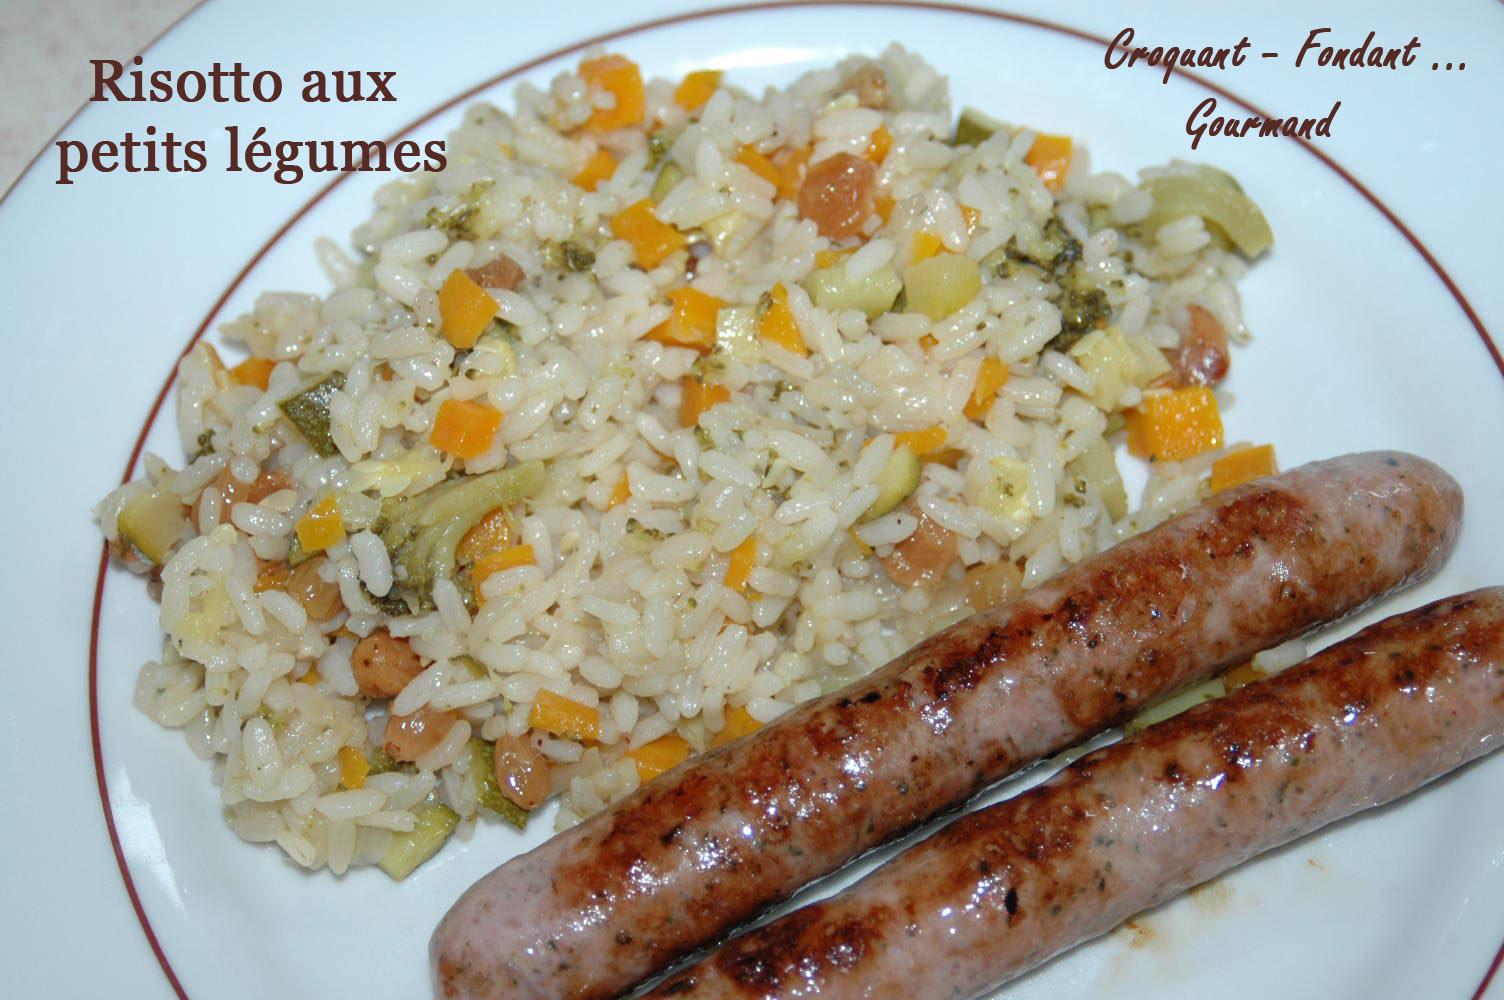 Risotto aux petits légumes - DSC_1670_9596